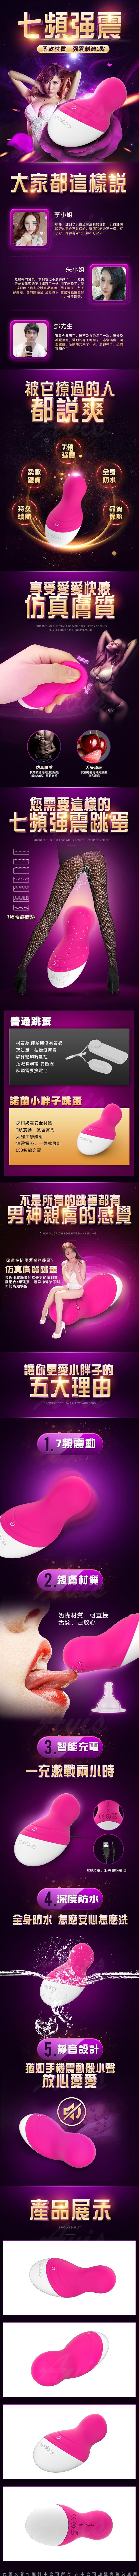 香港Nalone-棉花糖Squidge 7段變頻震動防水矽膠按摩短棒